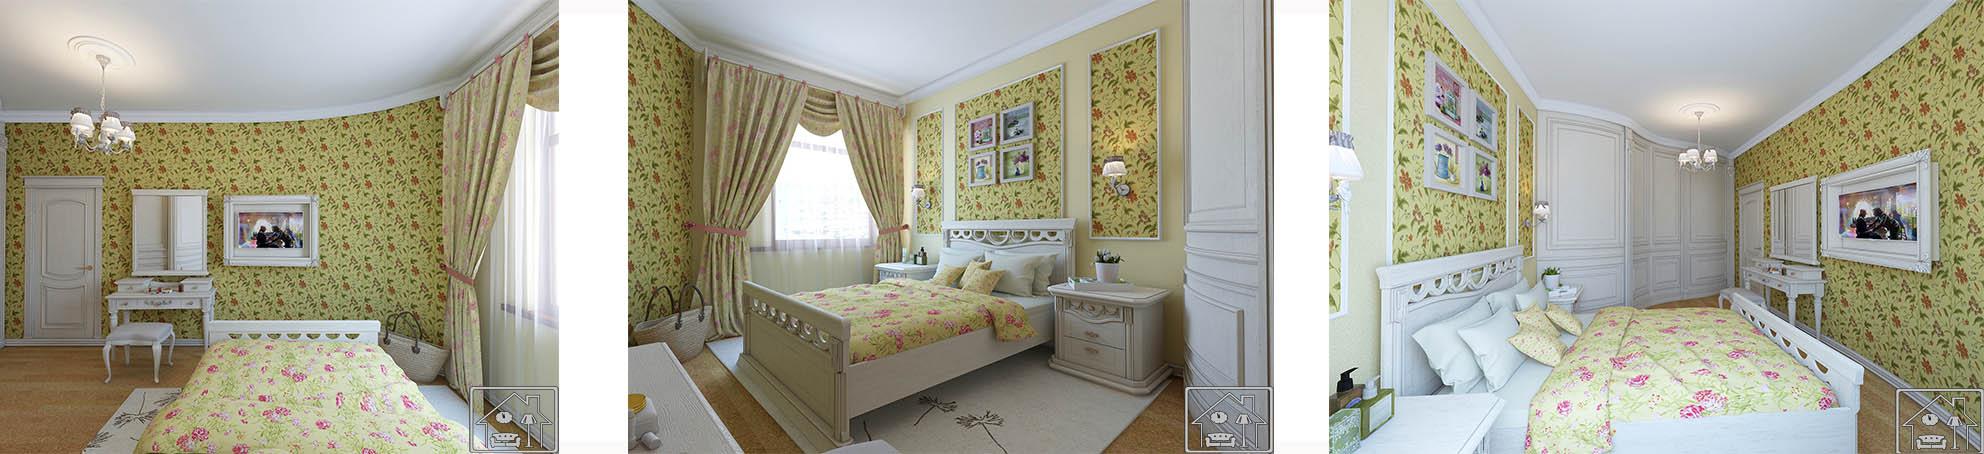 Спальня кантри с цветами золотистая